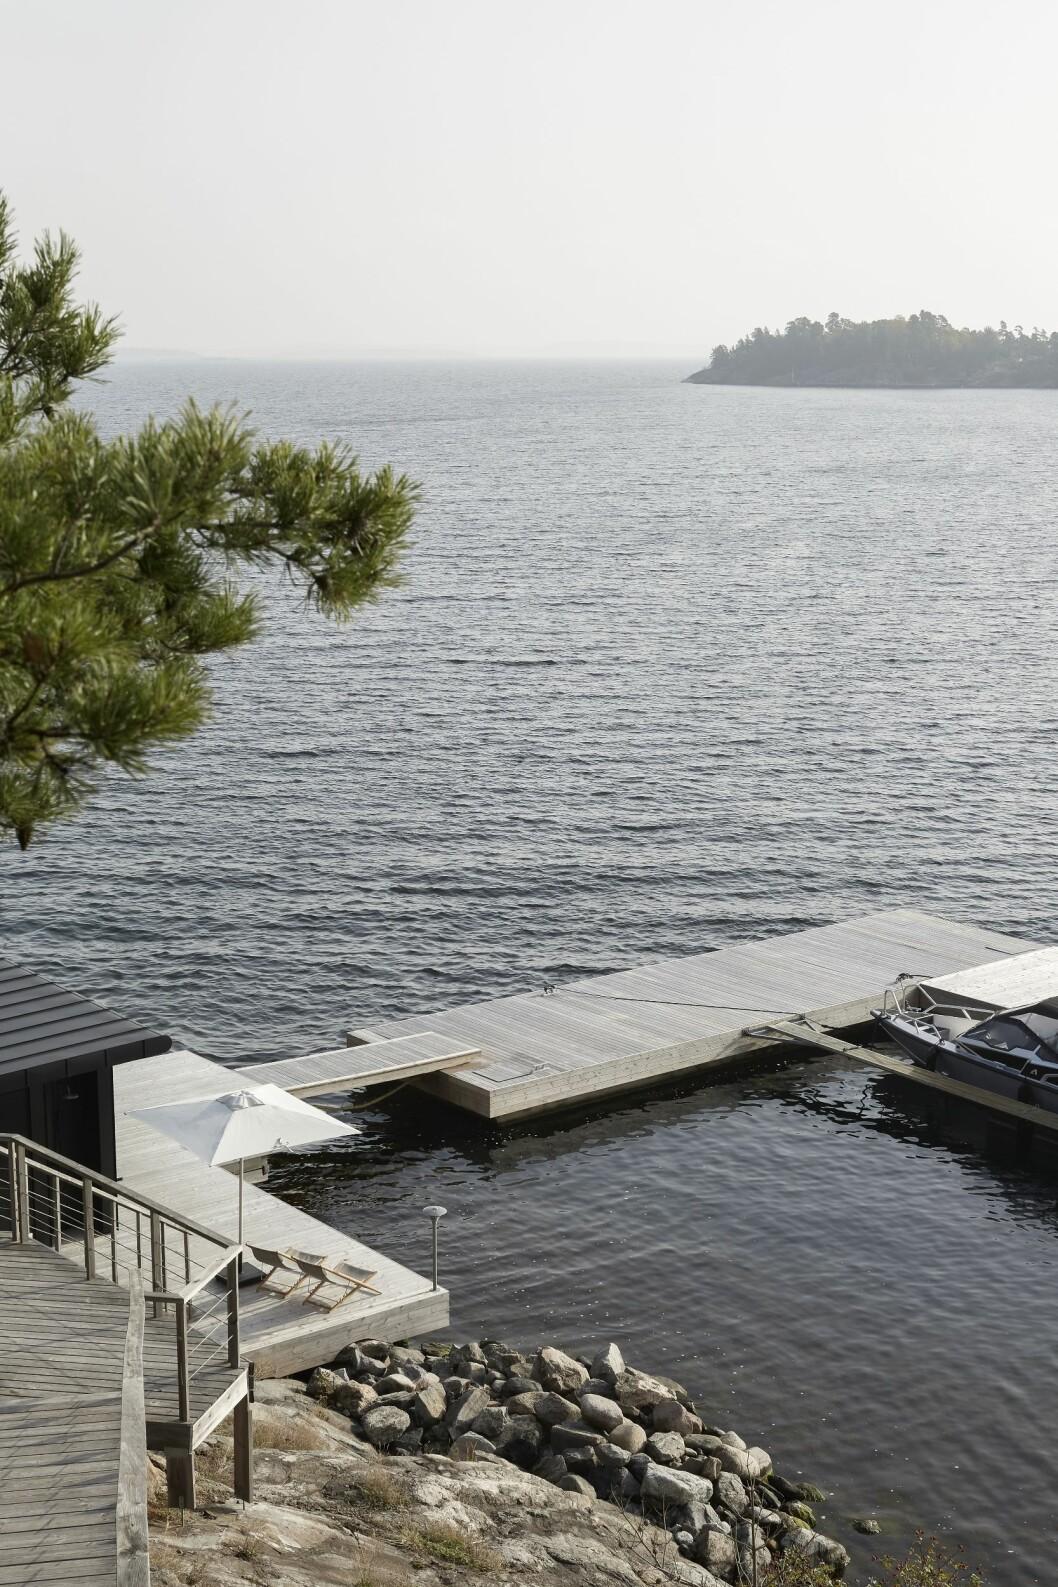 Hus på Dalarö stylat av Pella Hedeby.